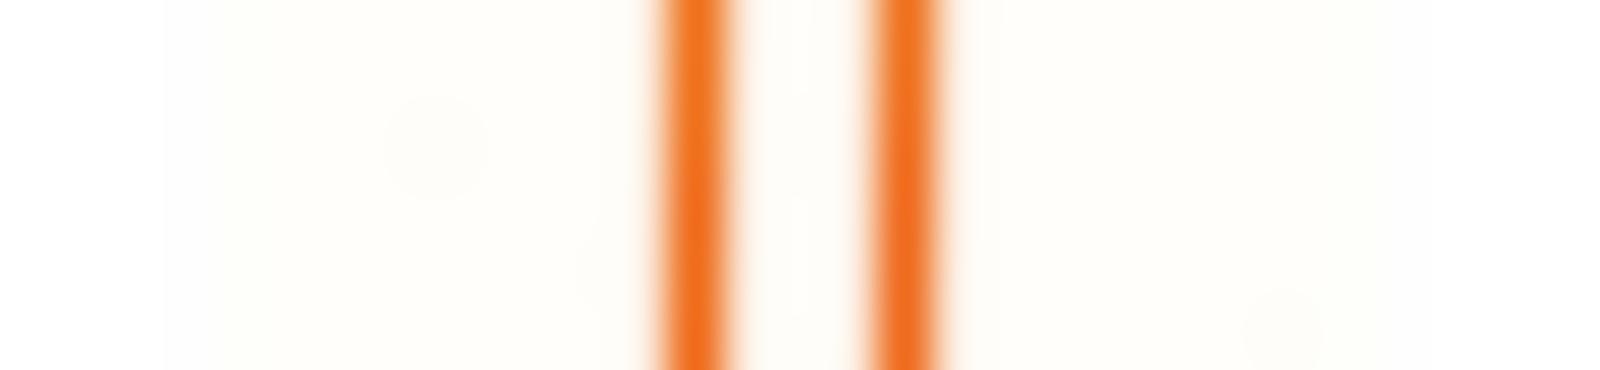 Blurred 5484824b 3ec5 40f8 8f41 009f40a1904b